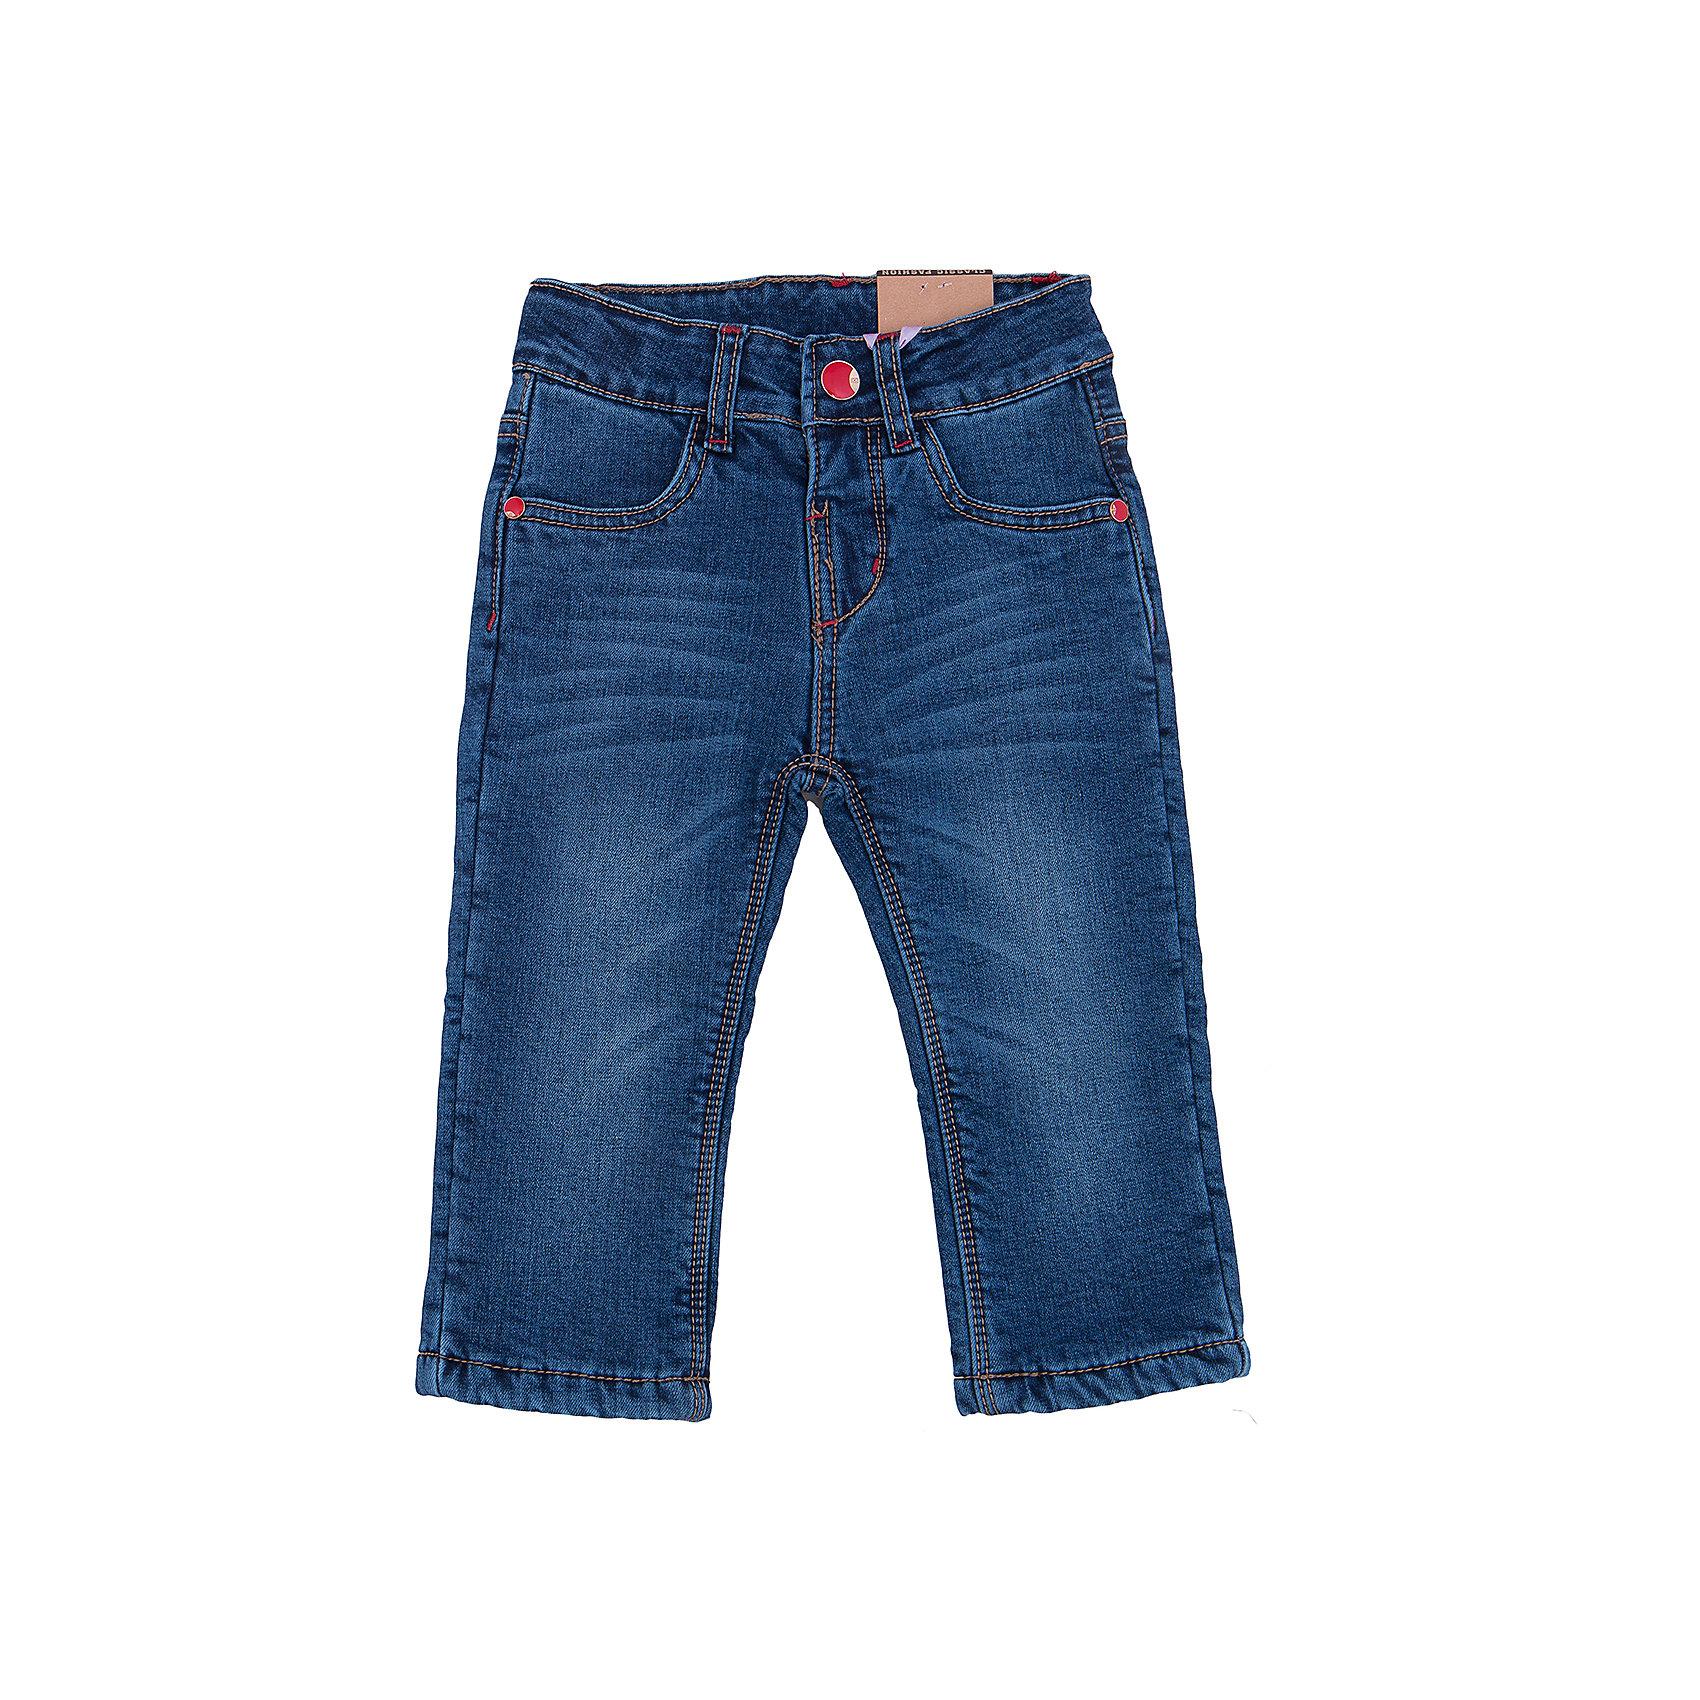 Джинсы для девочки Sweet BerryДжинсы<br>Такая модель джинсов для девочки отличается модным дизайном с контрастной прострочкой и потертостями. Удачный крой обеспечит ребенку комфорт и тепло. Мягкая и теплая флисовая подкладка делает вещь идеальной для прохладной погоды. Она плотно прилегает к телу там, где нужно, и отлично сидит по фигуре. Джинсы имеют удобный пояс на пуговице и молнии. Натуральный хлопок обеспечит коже возможность дышать и не вызовет аллергии.<br>Одежда от бренда Sweet Berry - это простой и выгодный способ одеть ребенка удобно и стильно. Всё изделия тщательно проработаны: швы - прочные, материал - качественный, фурнитура - подобранная специально для детей. <br><br>Дополнительная информация:<br><br>цвет: синий;<br>имитация потертостей;<br>материал: верх - 98% хлопок, 2% эластан, подкладка - 100% полиэстер;<br>пояс на пуговице и молнии.<br><br>Джинсы для девочки от бренда Sweet Berry можно купить в нашем интернет-магазине.<br><br>Ширина мм: 215<br>Глубина мм: 88<br>Высота мм: 191<br>Вес г: 336<br>Цвет: синий<br>Возраст от месяцев: 24<br>Возраст до месяцев: 36<br>Пол: Женский<br>Возраст: Детский<br>Размер: 98,80,86,92<br>SKU: 4931368